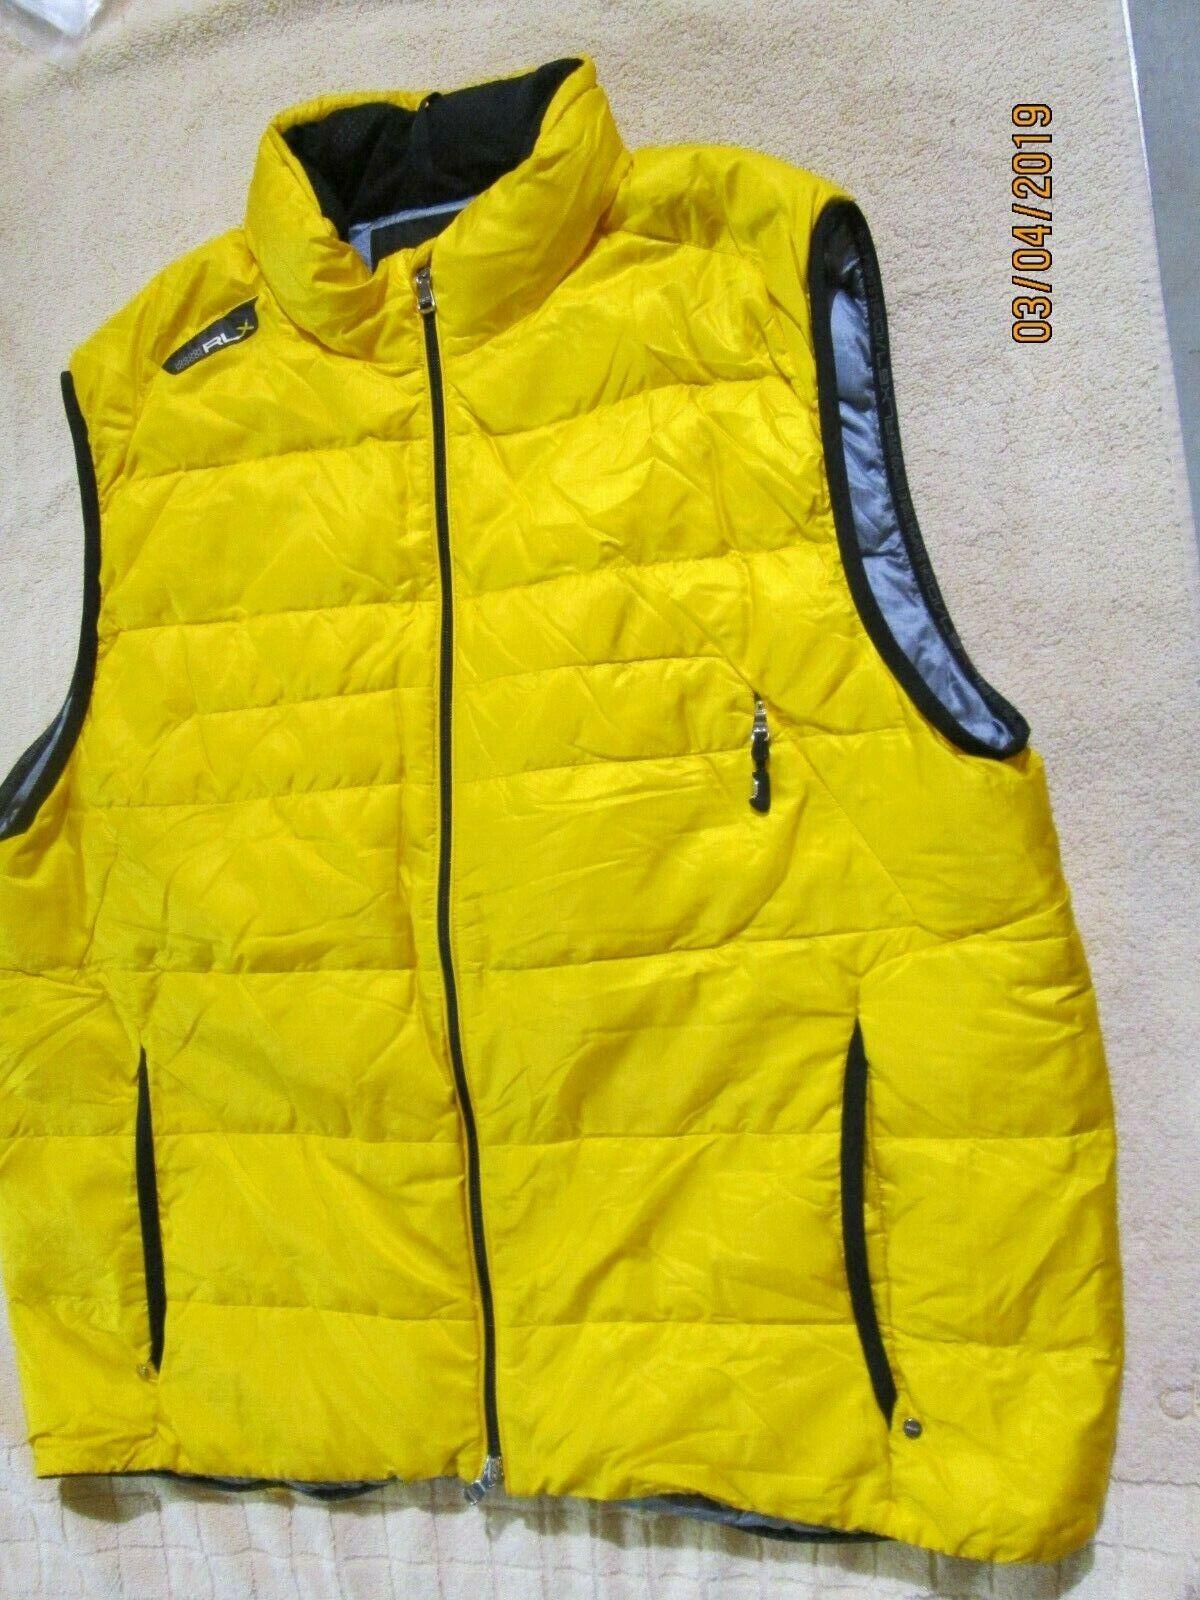 RLX Ralph Lauren Down Vest RLX 67 10 Größe XL Gelb